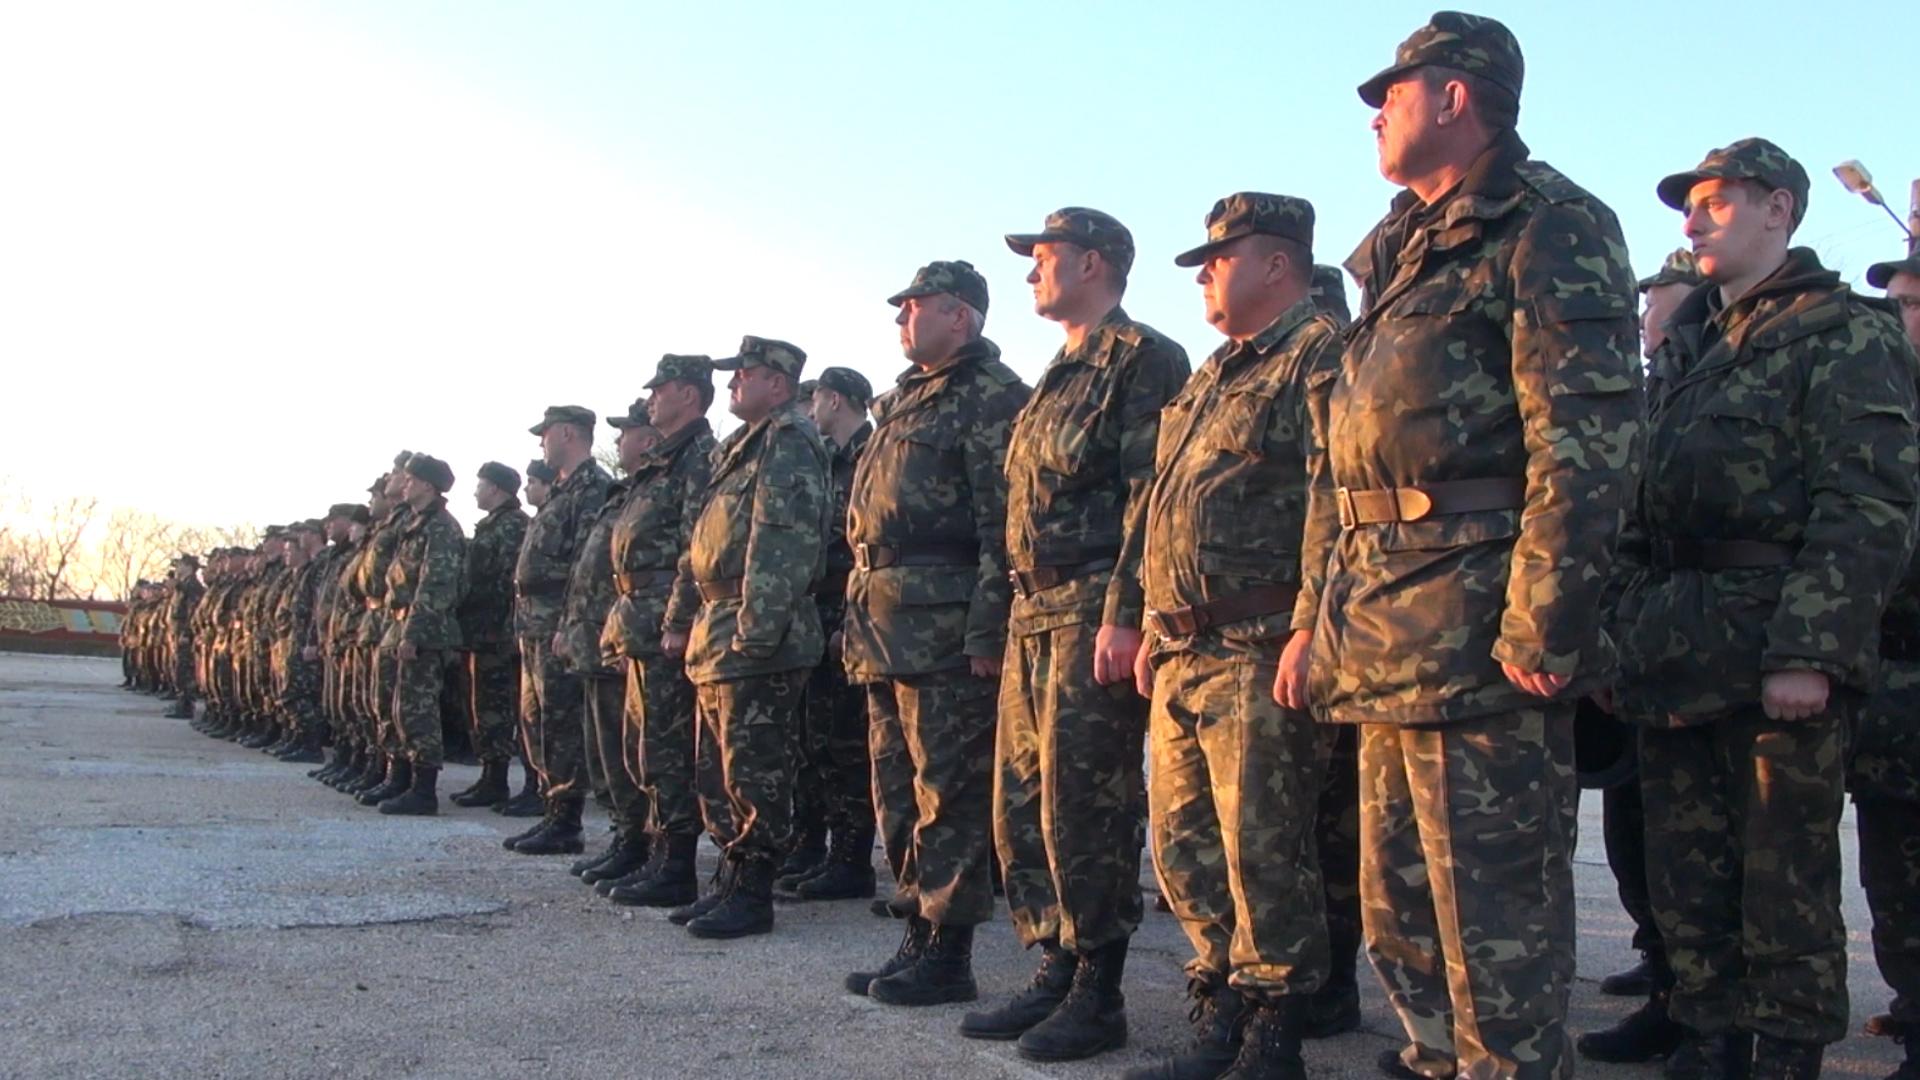 Крым: поднятие флага России на в/ч 4519 г. Евпатории